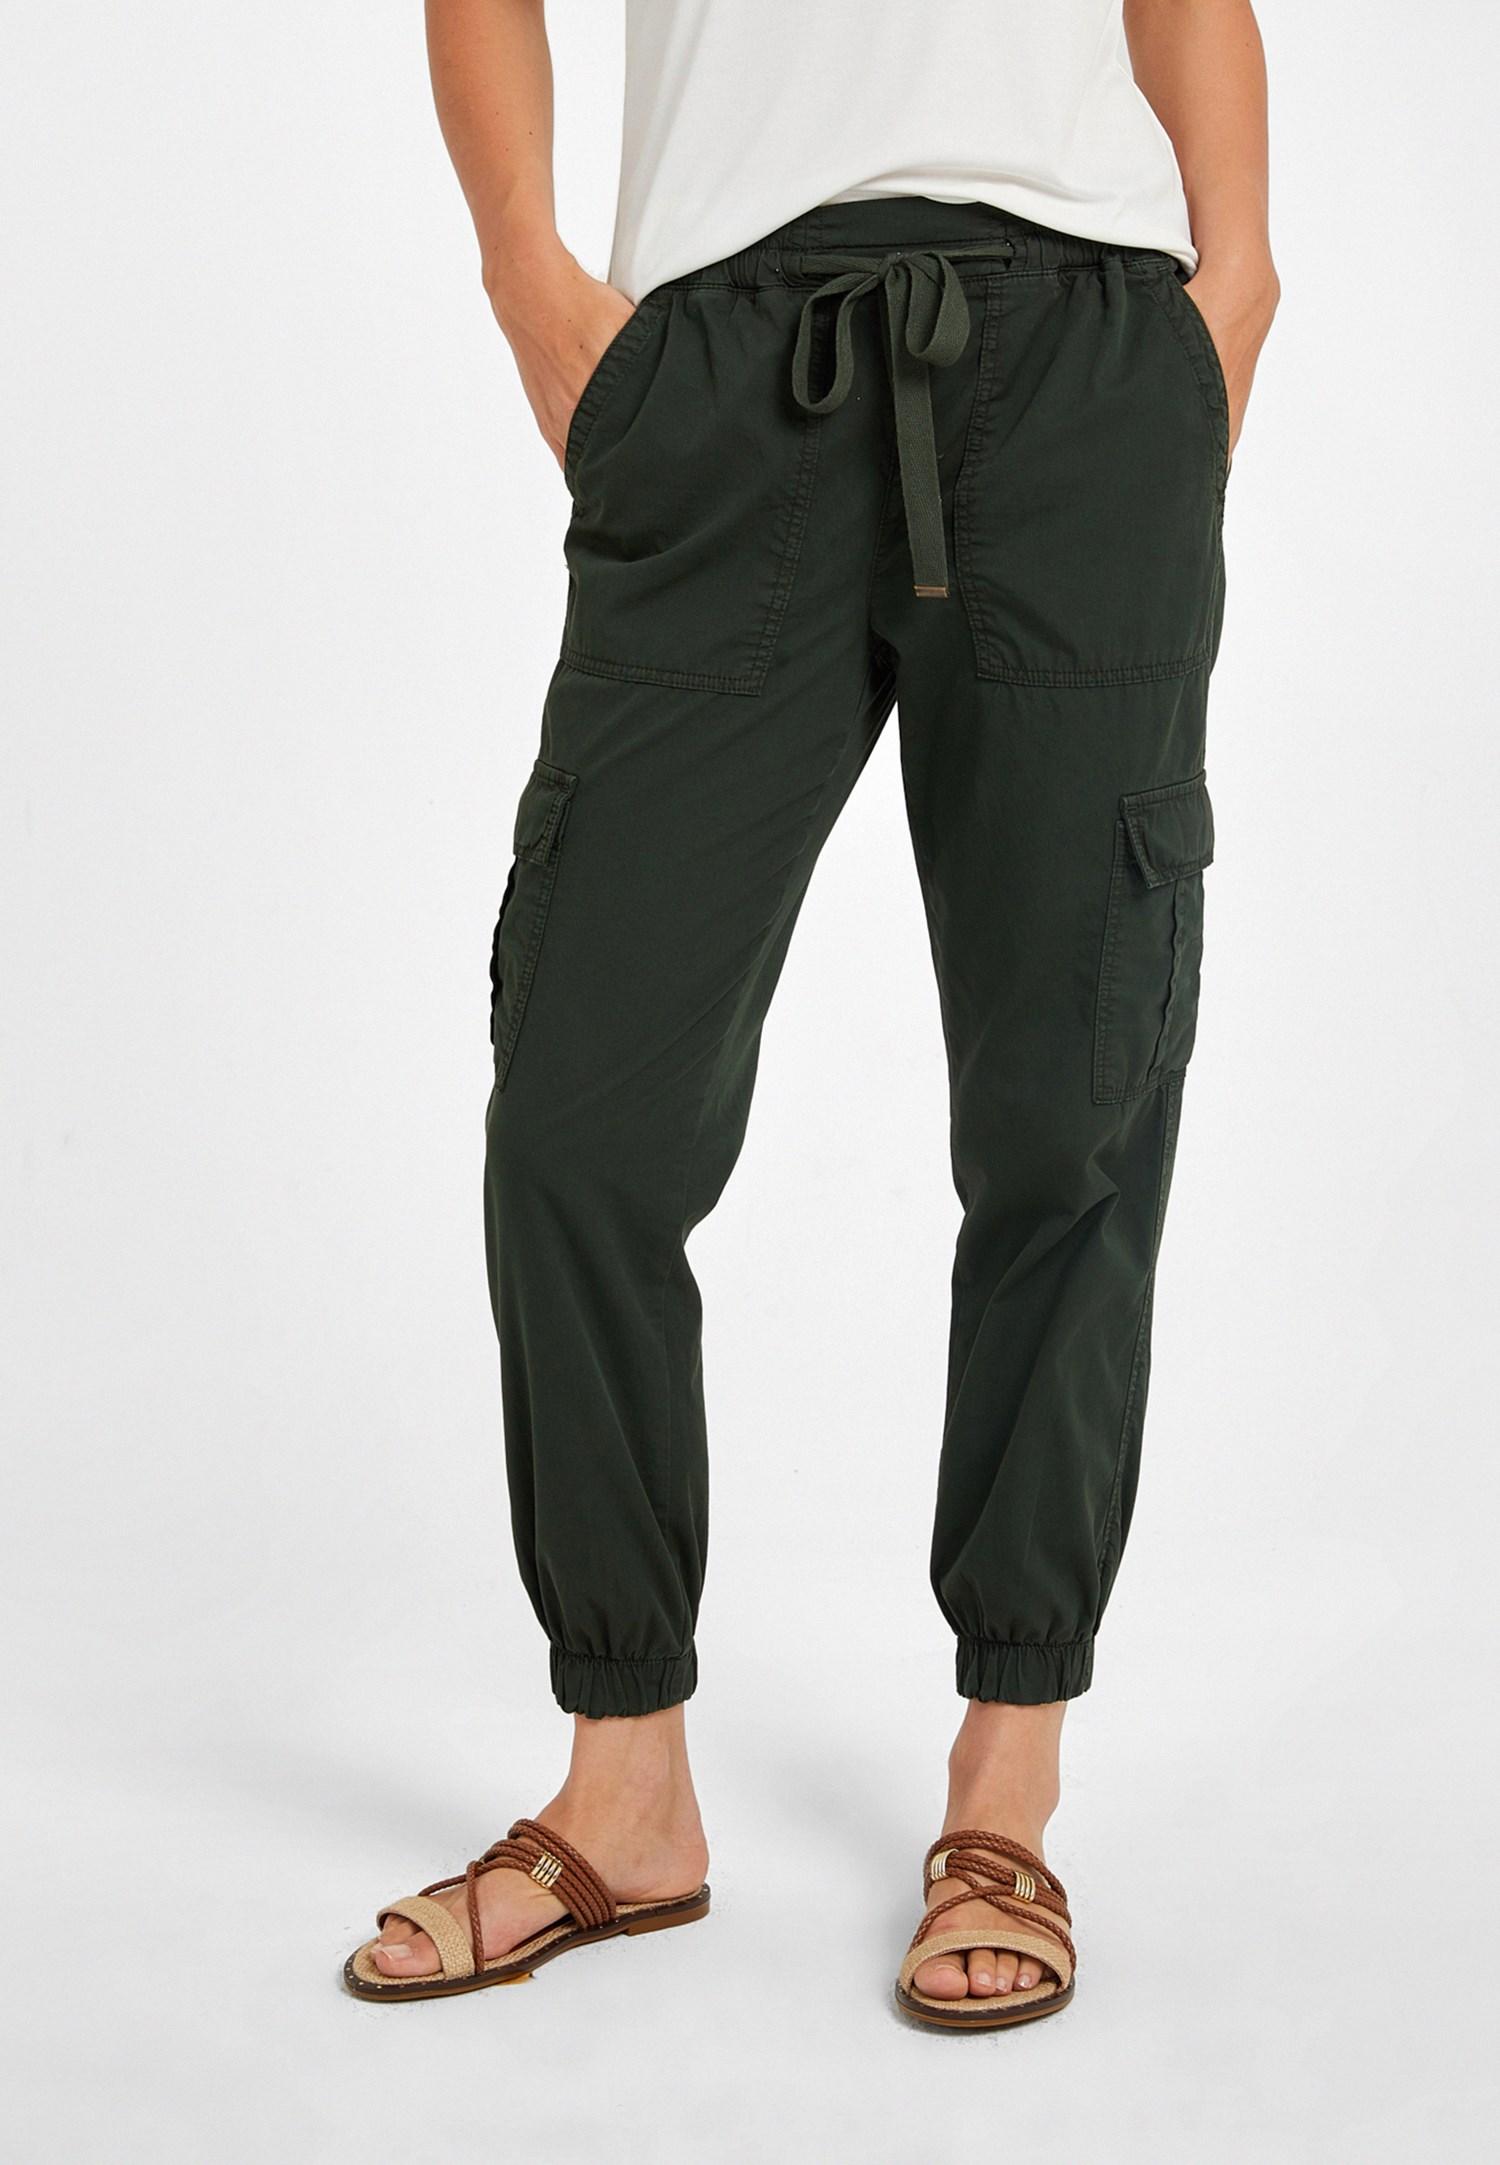 Bayan Yeşil Beli Lastik Detaylı Kargo Pantolon